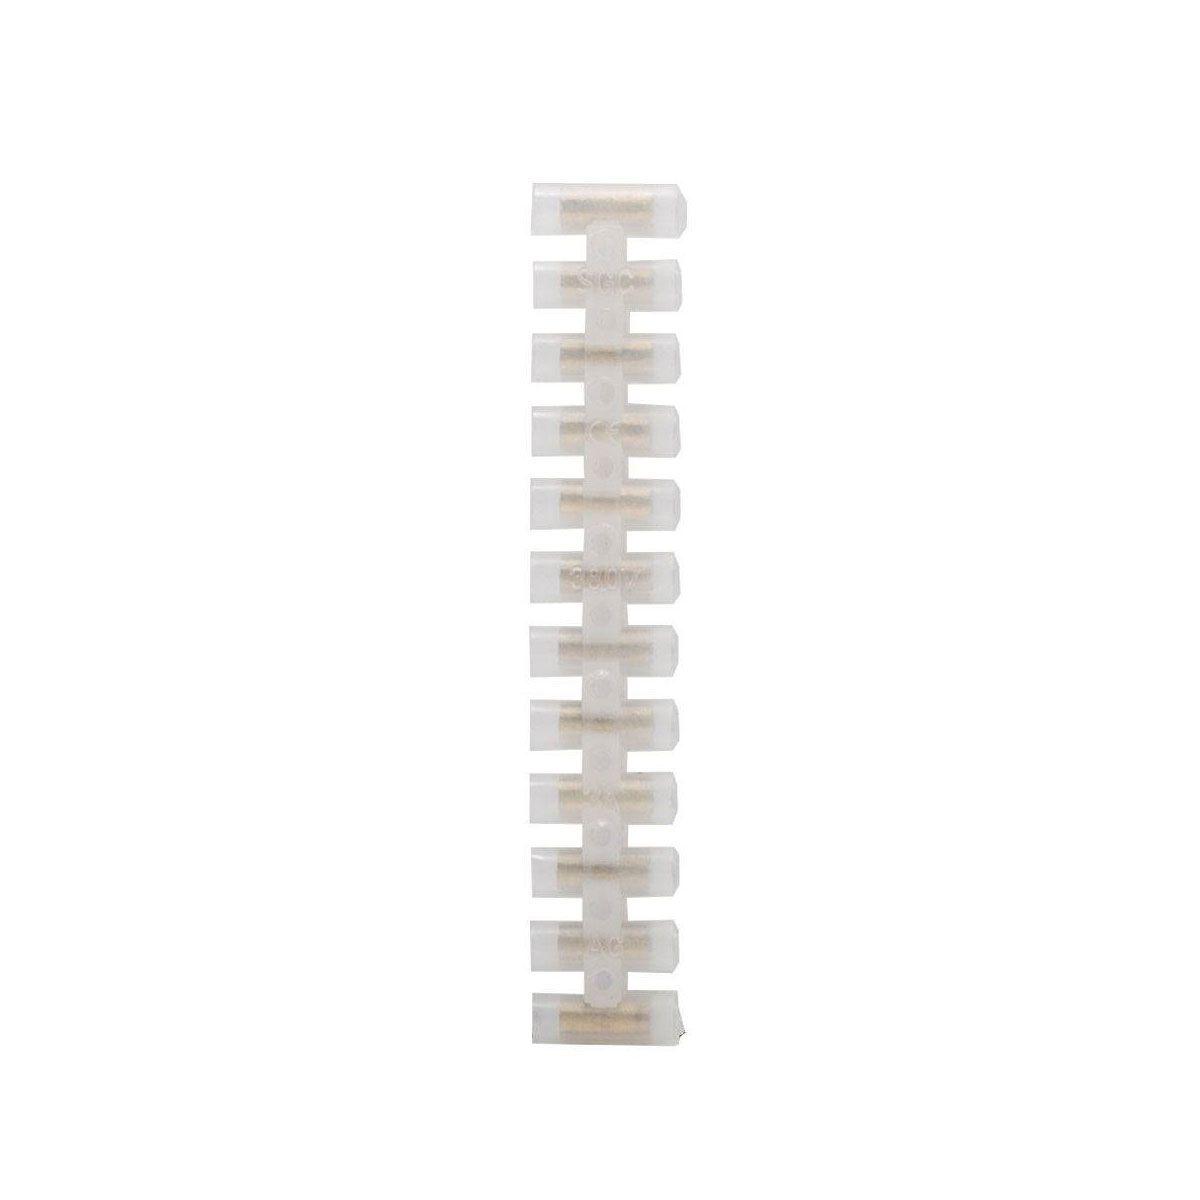 5x Conector em barra 3A 4mm / Conector Sindal